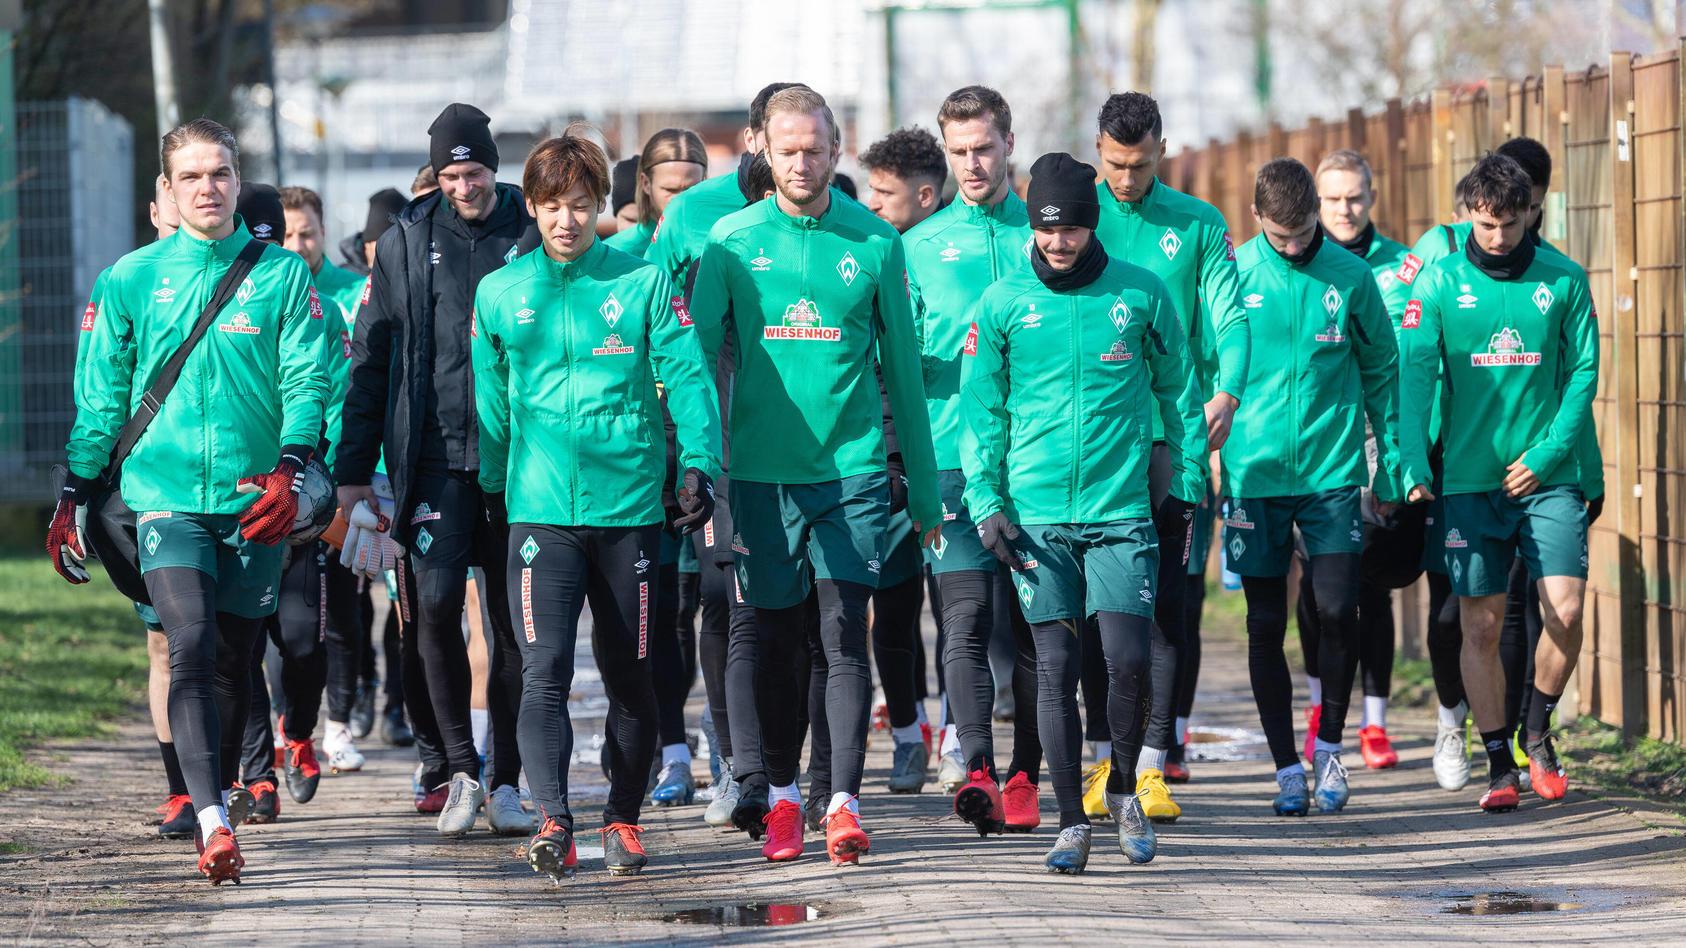 GER, 1.FBL, Werder Bremen Training / 12.03.2020, Trainingsgelaende am wohninvest WESERSTADION,, Bremen, GER, 1.FBL, Werd